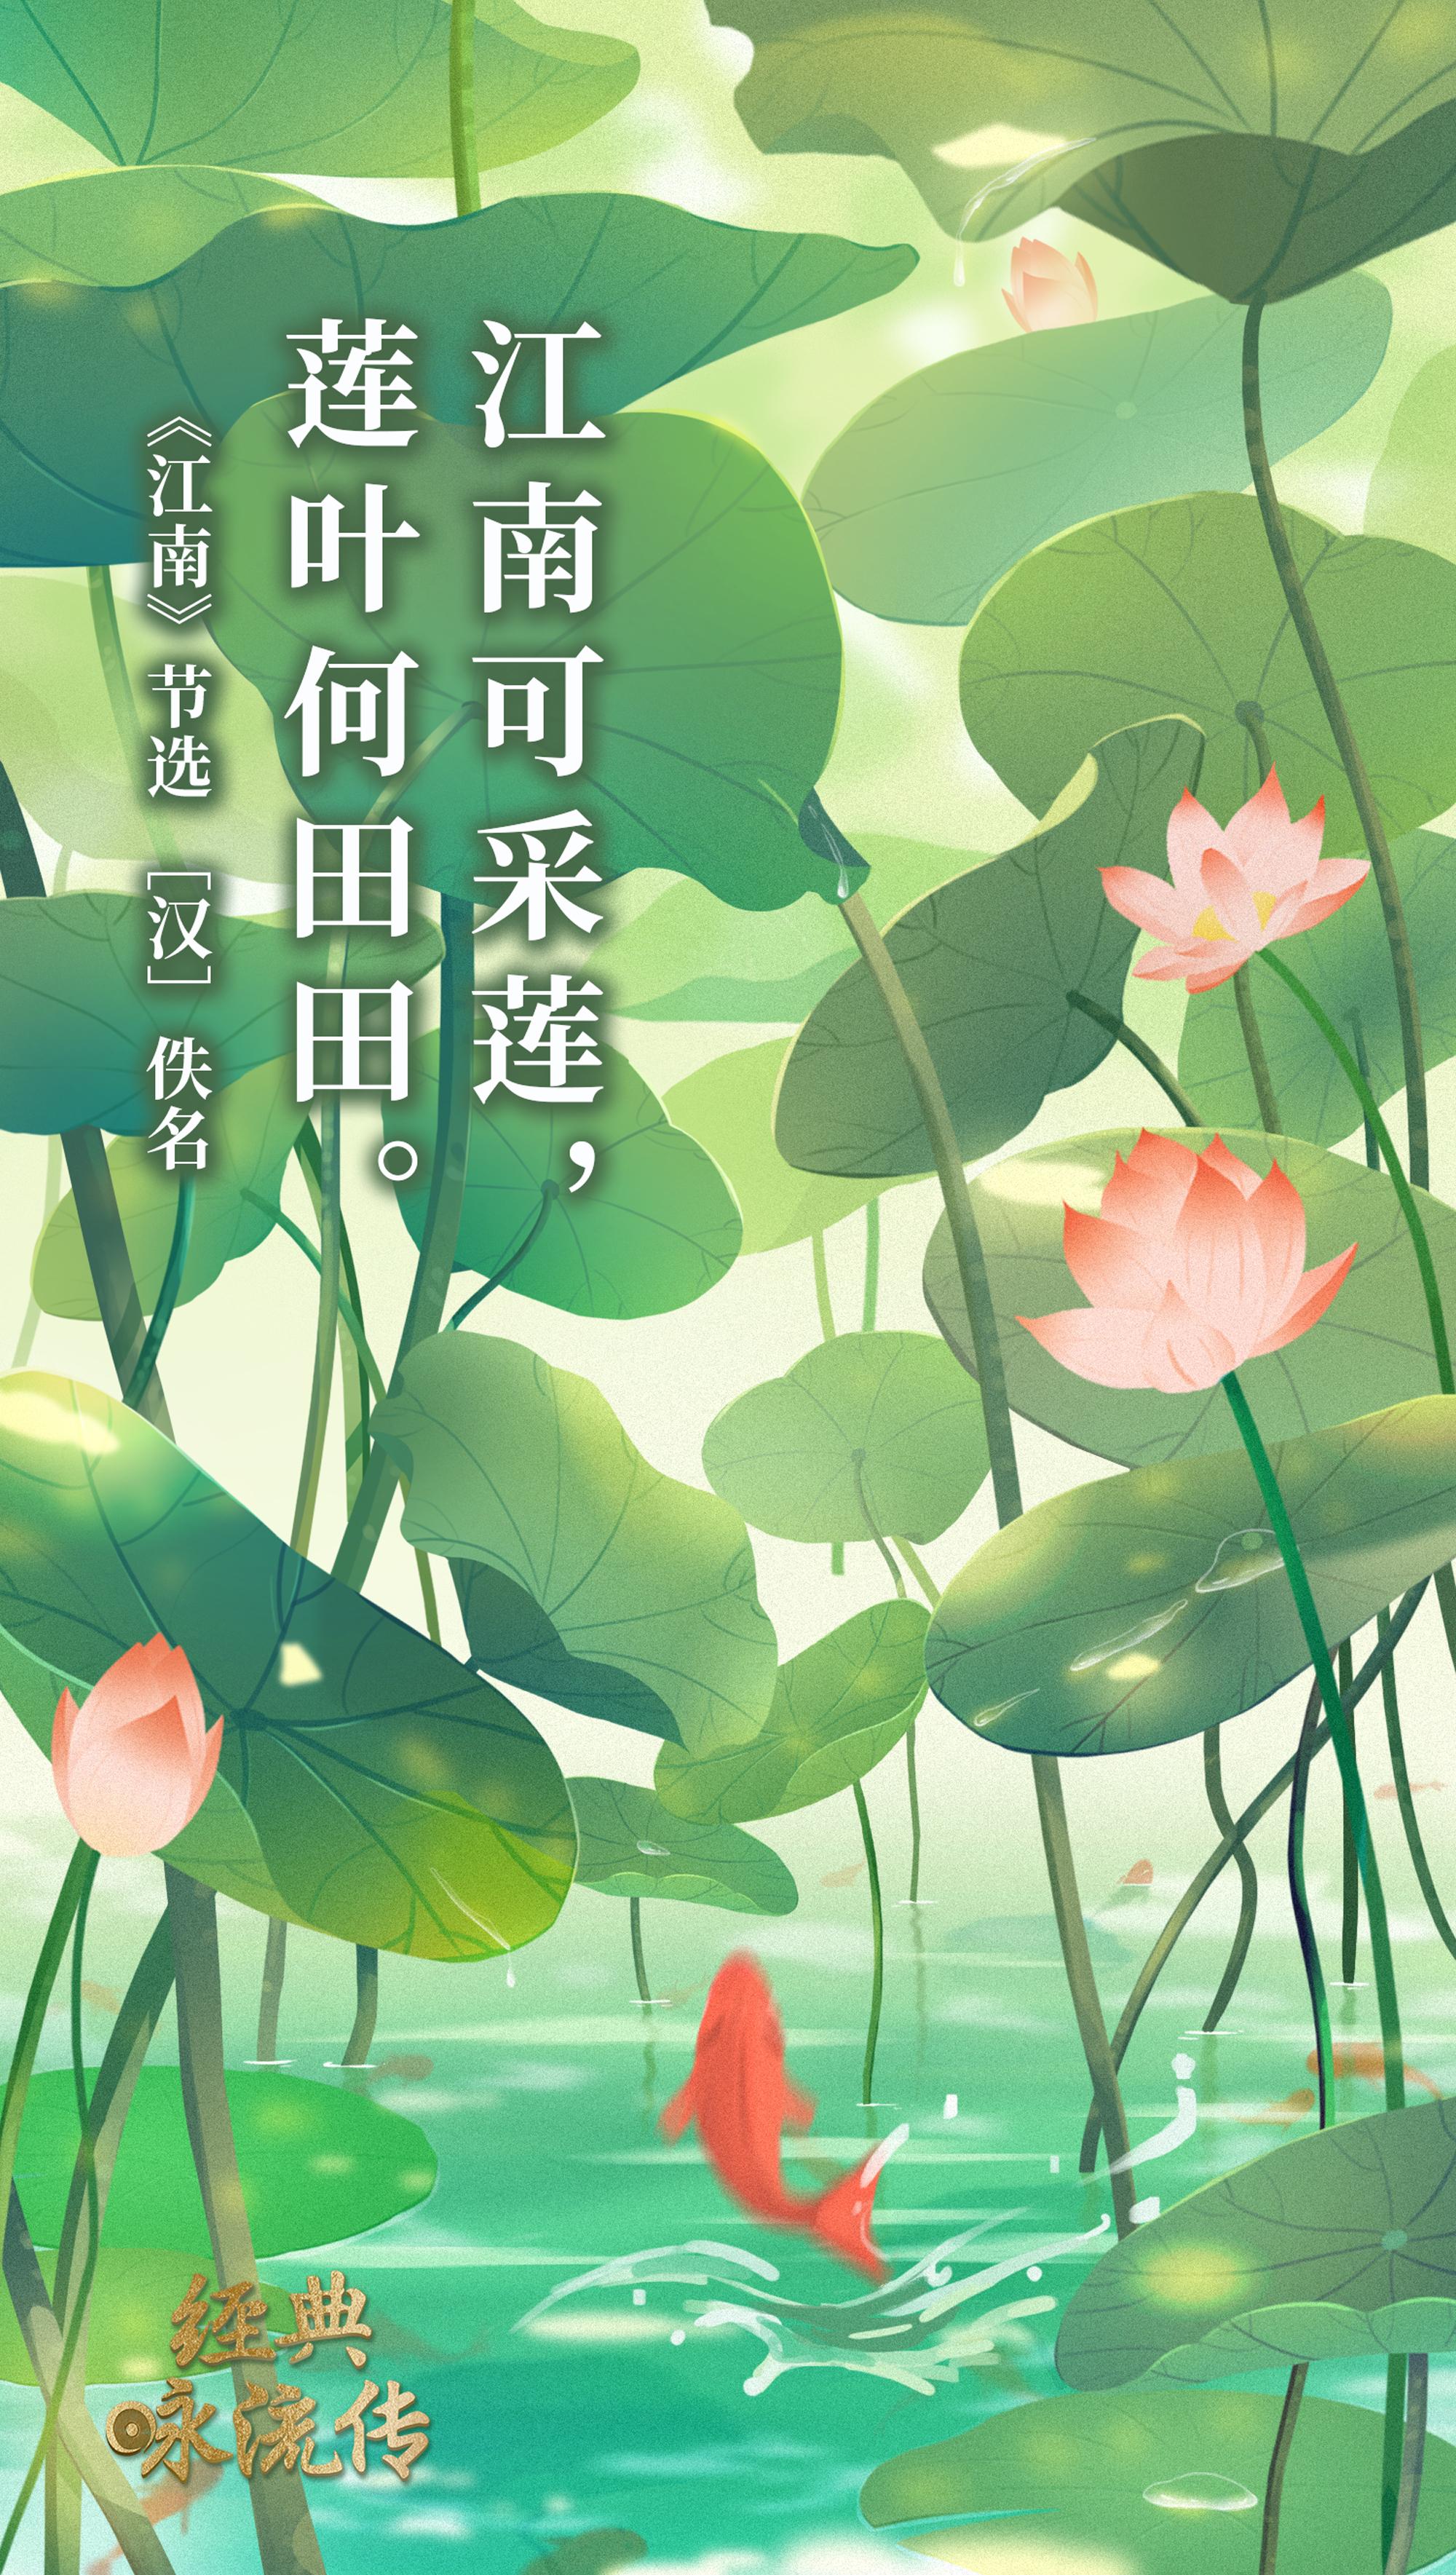 《经典咏流传》诗词意境海报合集 欣赏-第10张